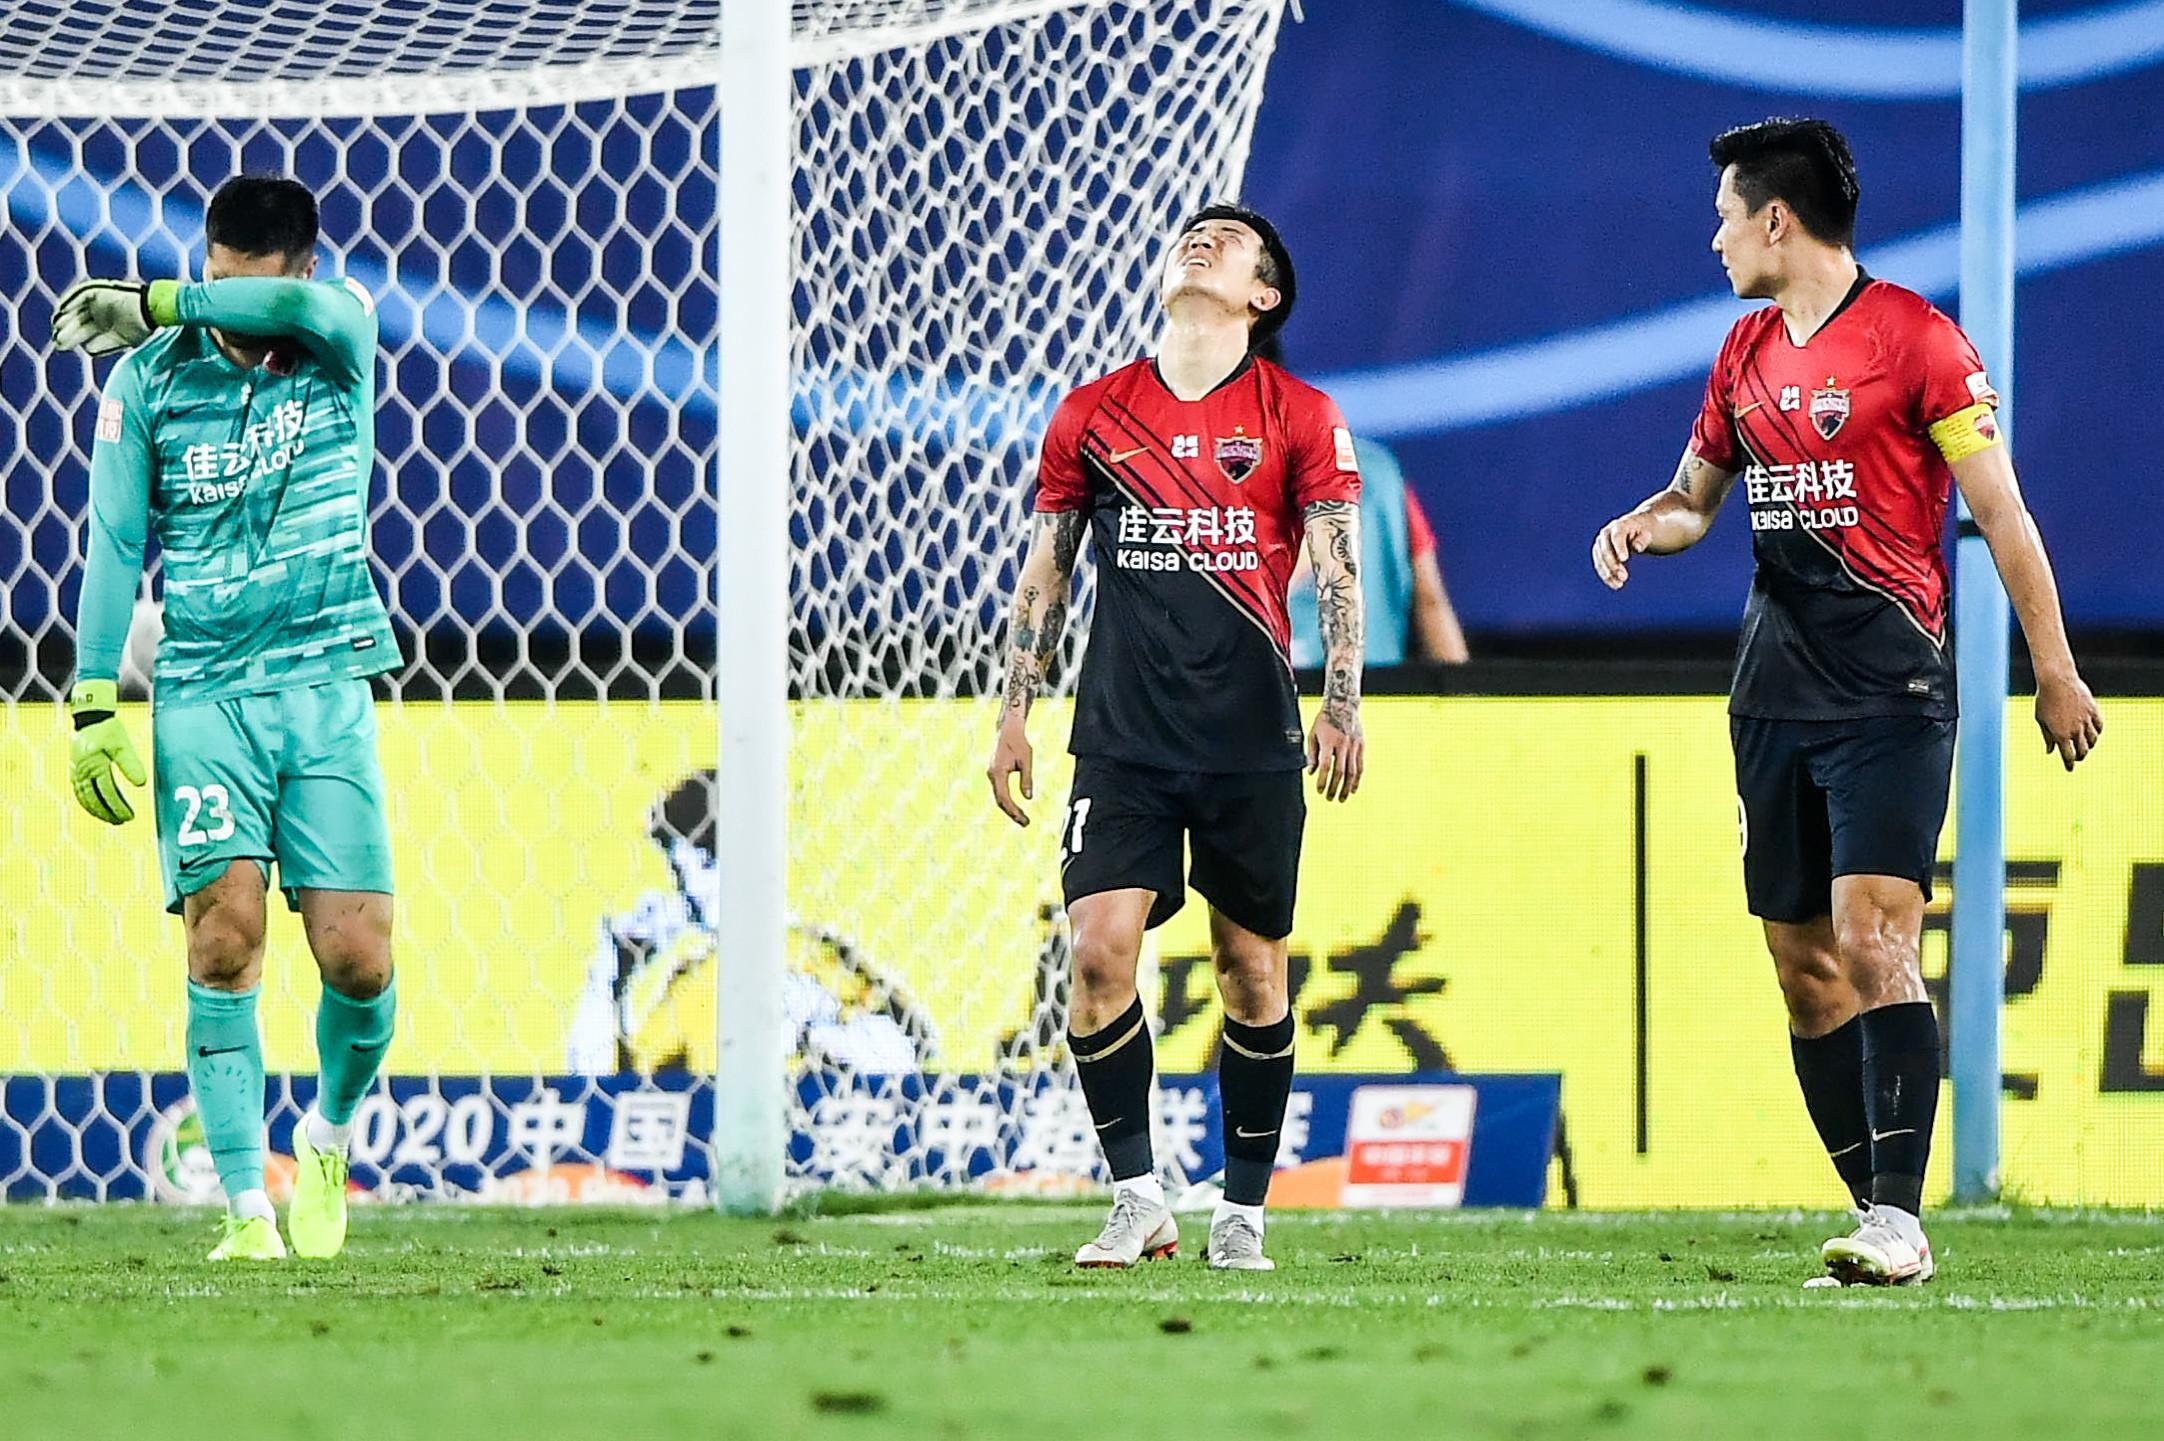 本赛季始次,广东中超3队本轮通盘输球